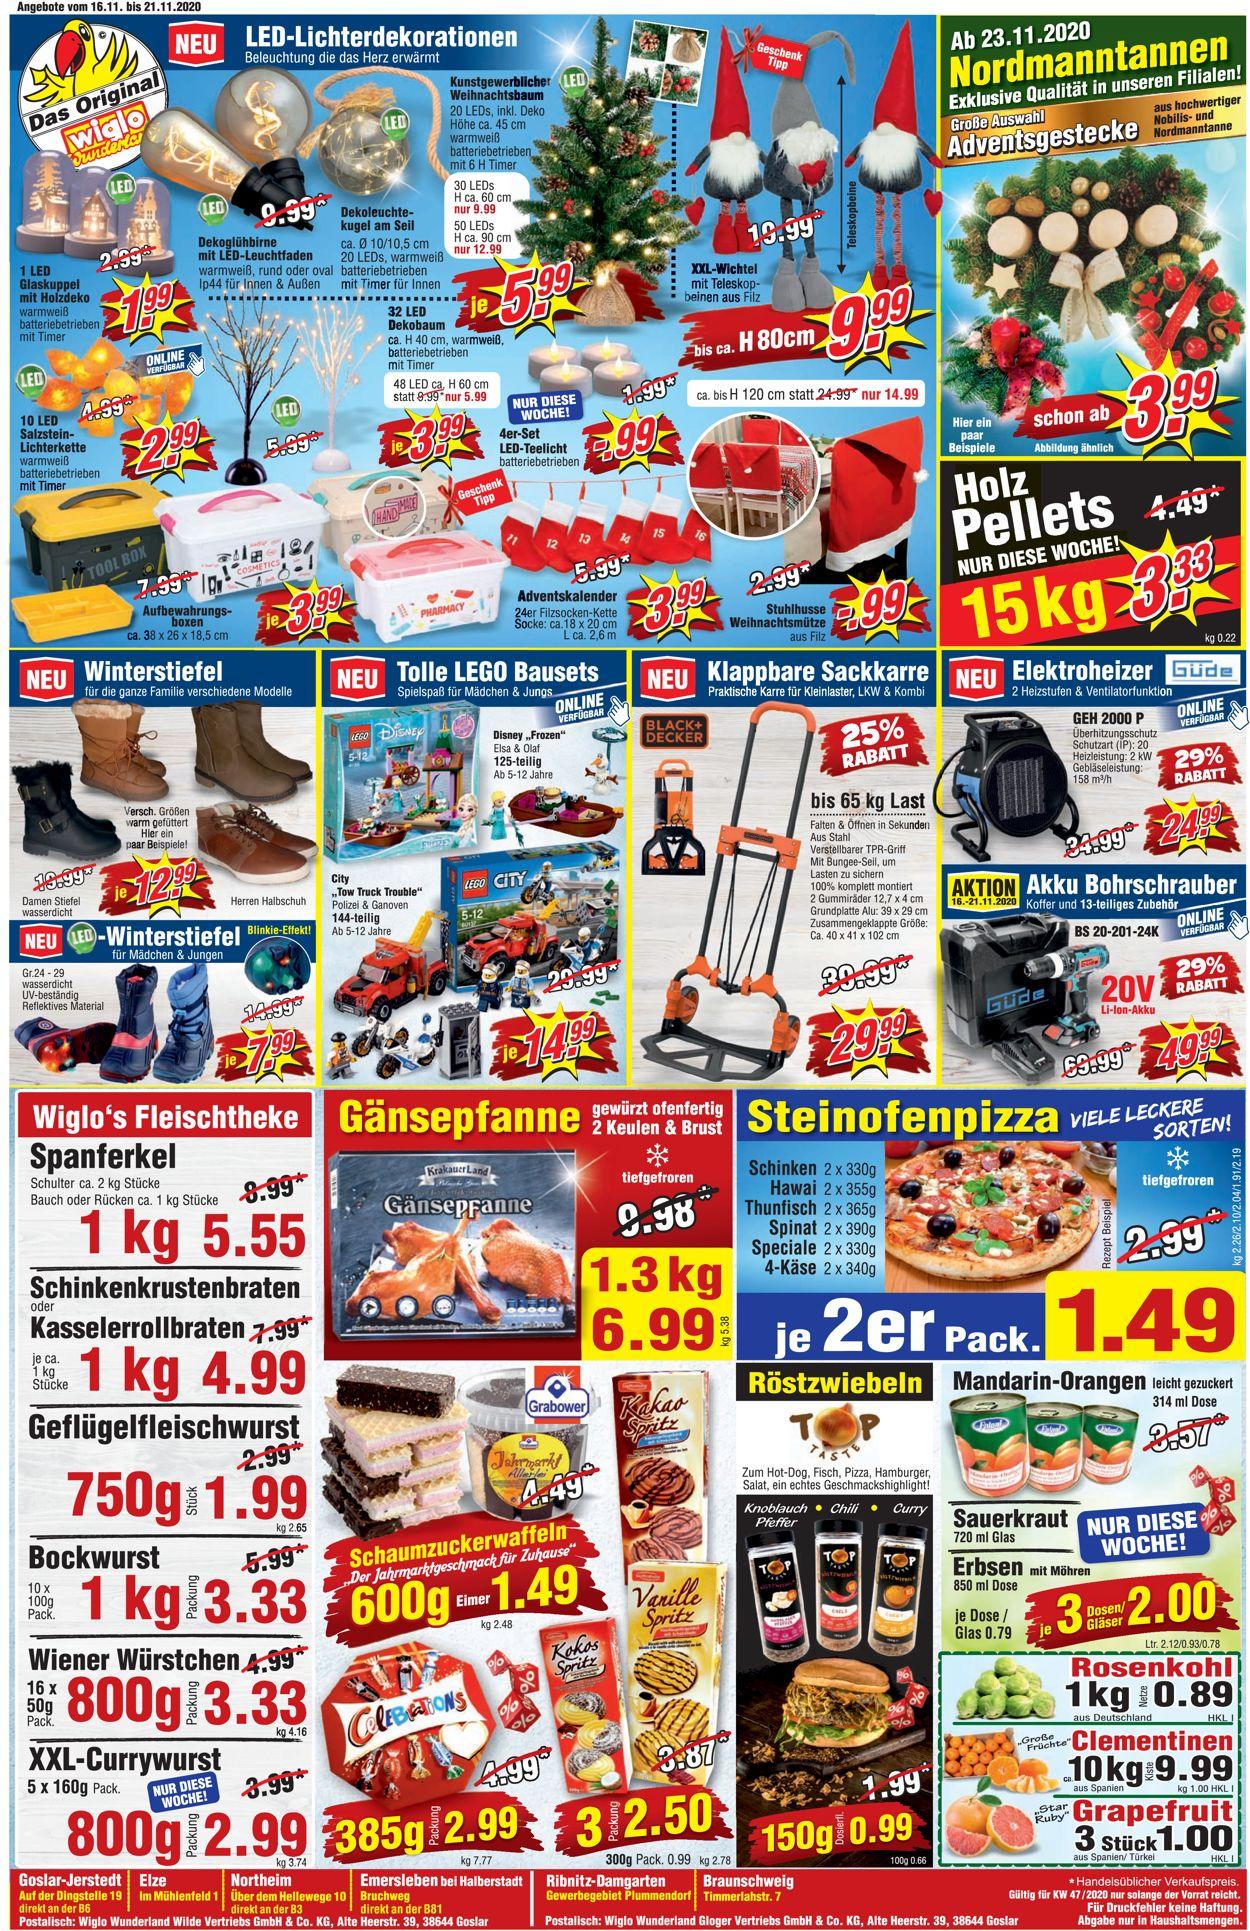 Wiglo Wunderland - Weihnachtsprospekt 2020 Prospekt - Aktuell vom 16.11-21.11.2020